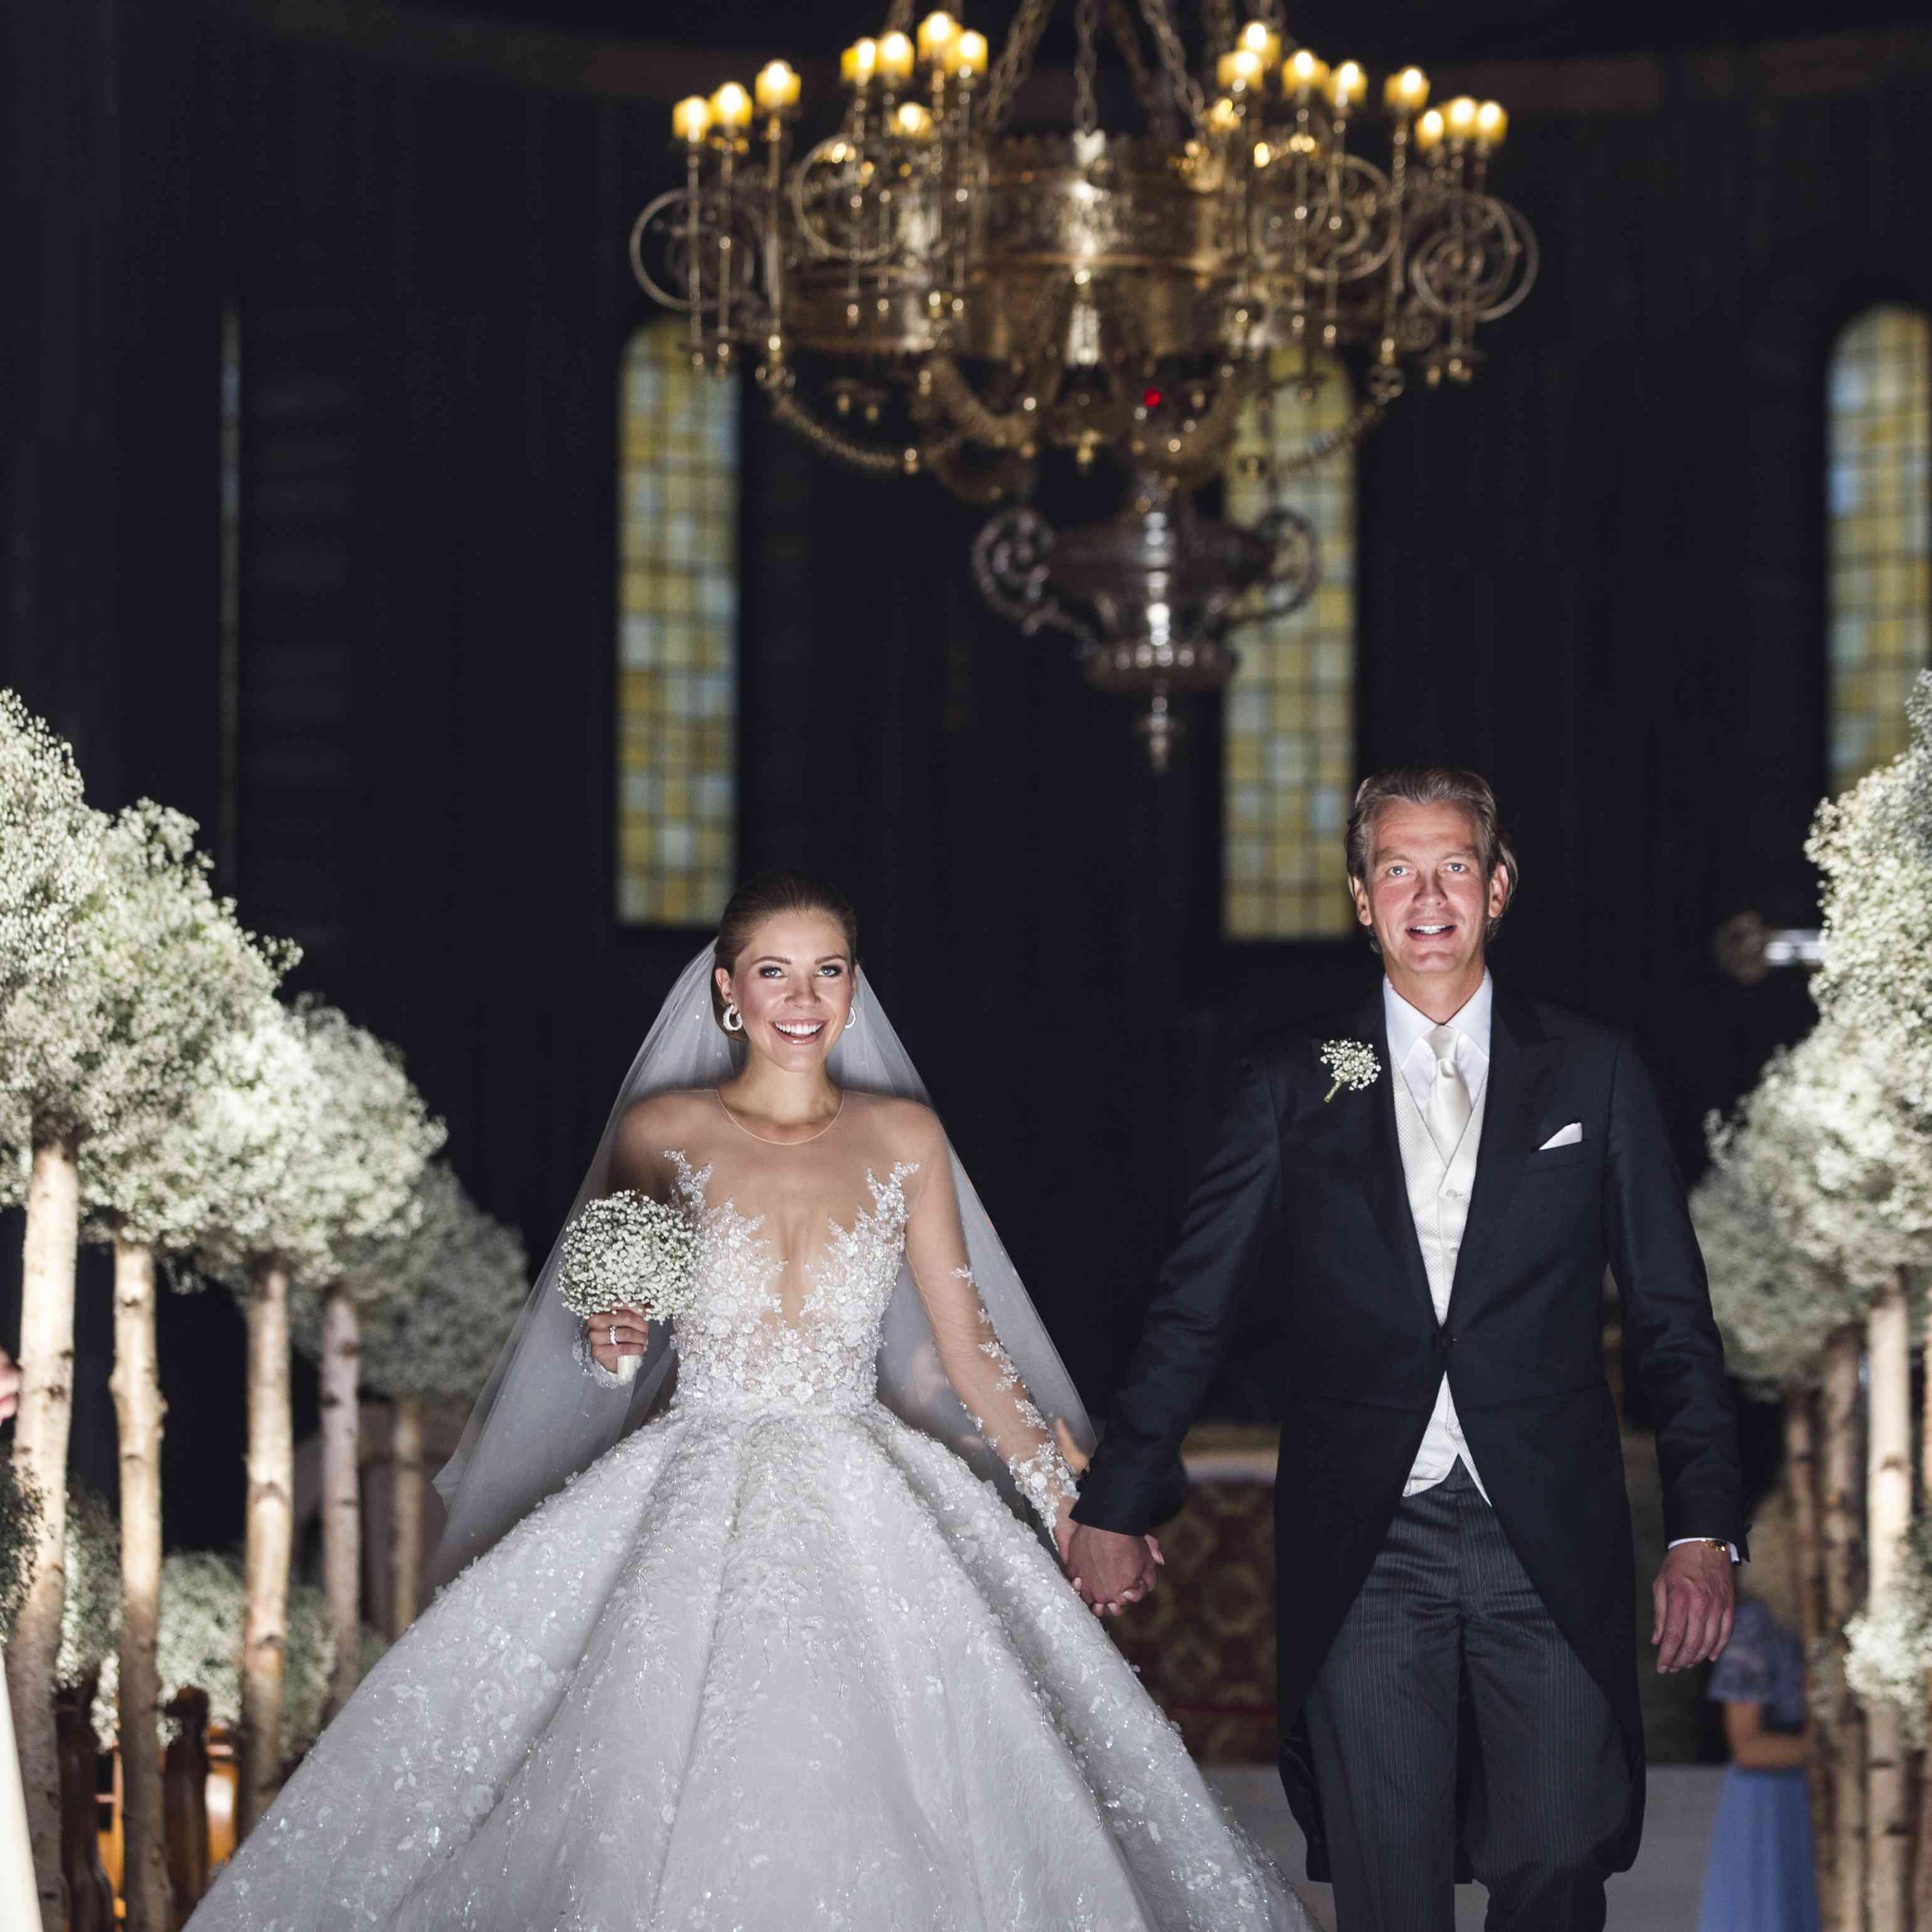 Victoria Swarovski Got Married In A Million Dollar Wedding Dress